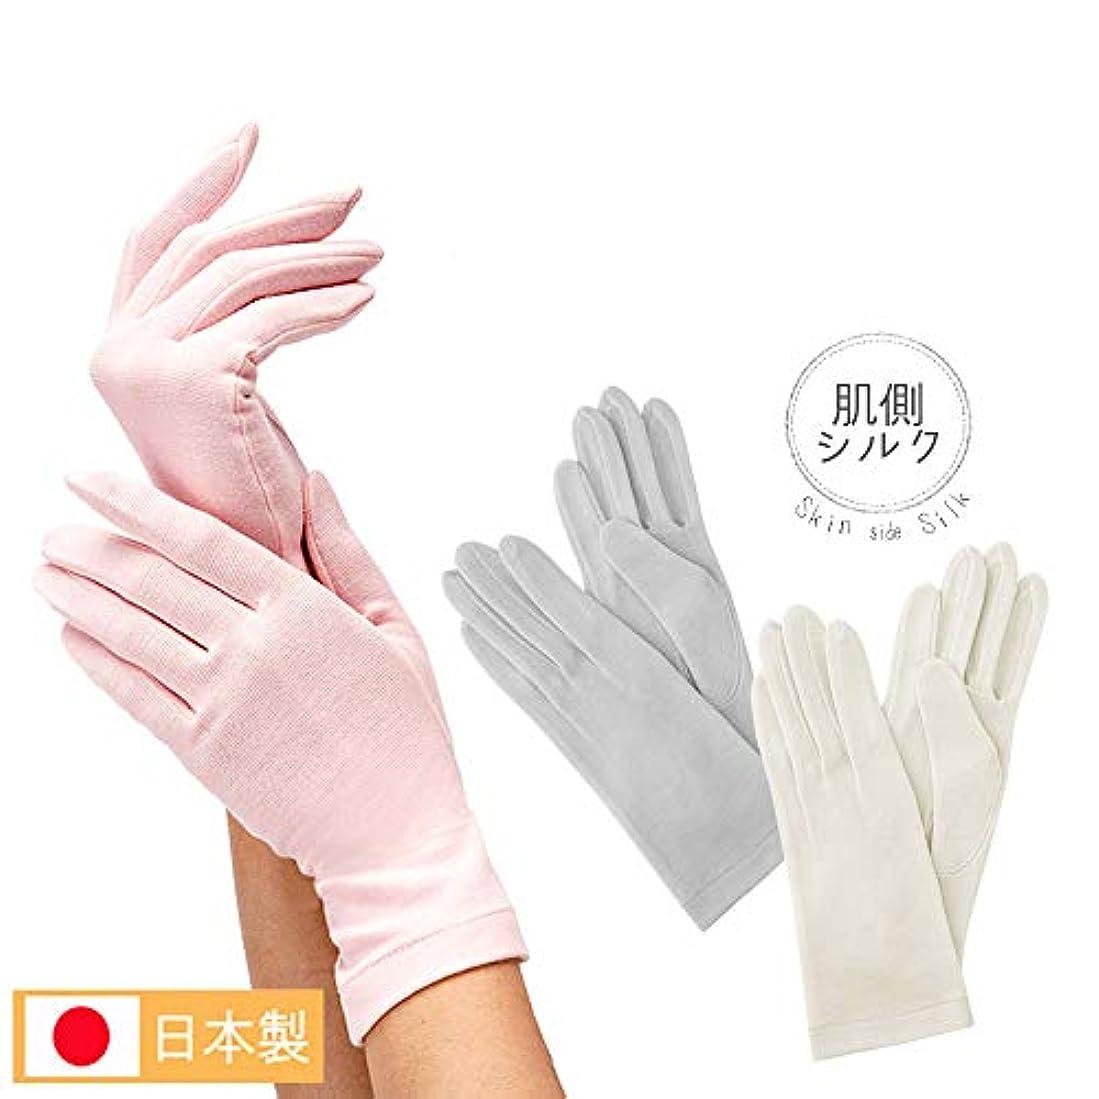 モールス信号交換清めるG12-0071_IV 就寝用 裏シルクうるおい手袋 あったか 薄い 手荒れ ハンドケア 保湿 レディース 女性 おやすみ 寝るとき 日本製 アイボリー